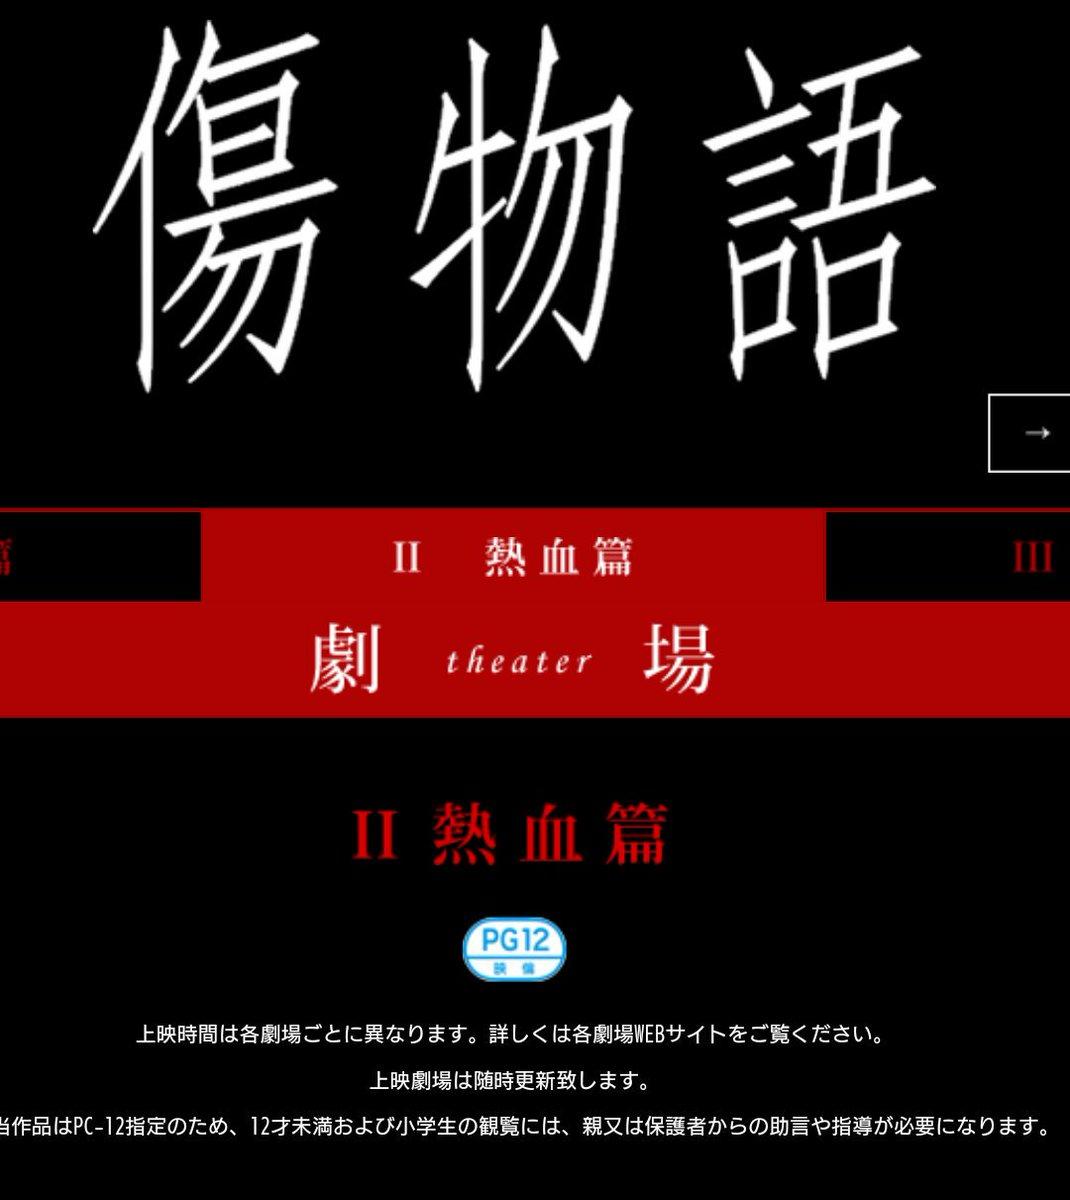 """NULL on Twitter: """"傷物語 熱血編は 映倫 PG12指定がかかってる事を今 ..."""